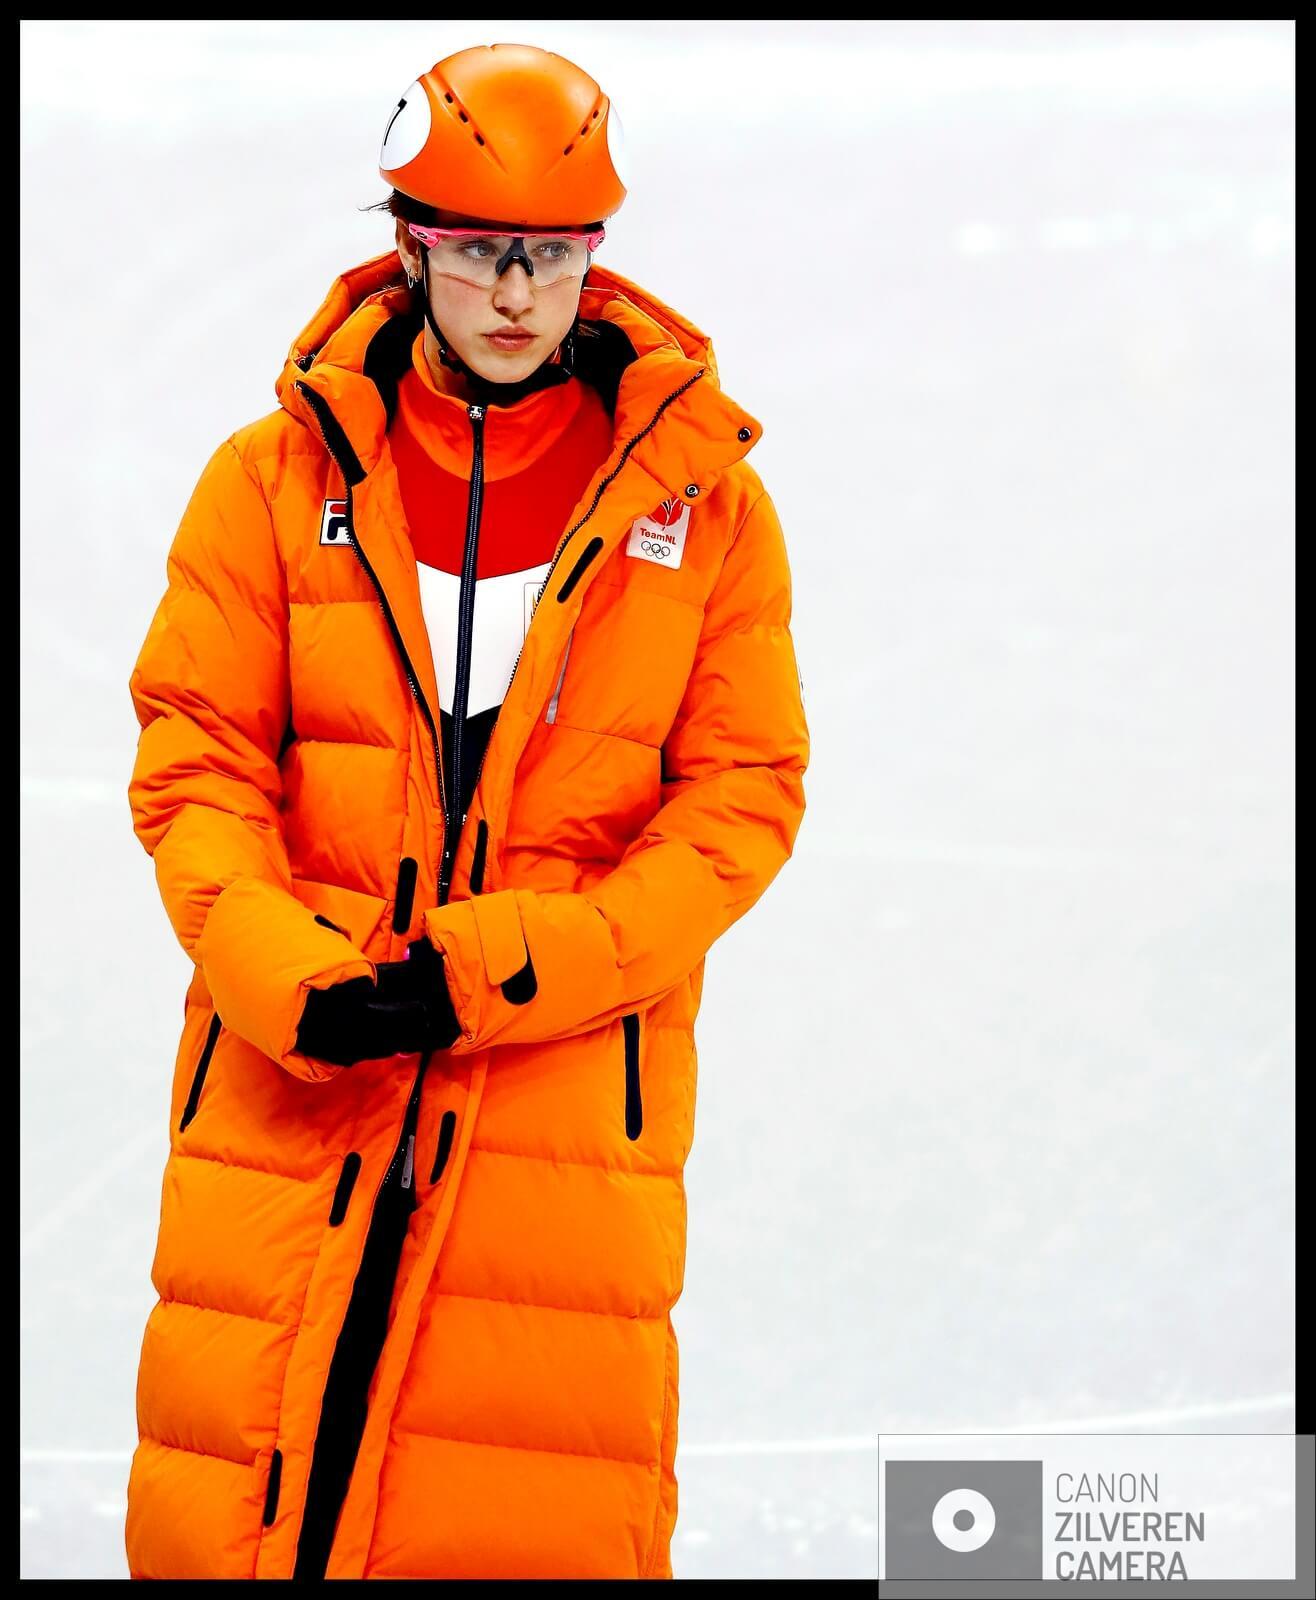 Serie Suzanne Schulting; Van Olympische val tot Sportvrouw van het Jaar. Olympische Winterspelen 2018Zuid-Korea, Gangneung, 06-02-2018FOTO 2Het gezicht van Suzanne Schulting verraad de spanning  voorafgaand aan haar eerste heat op het Olympische ijs.